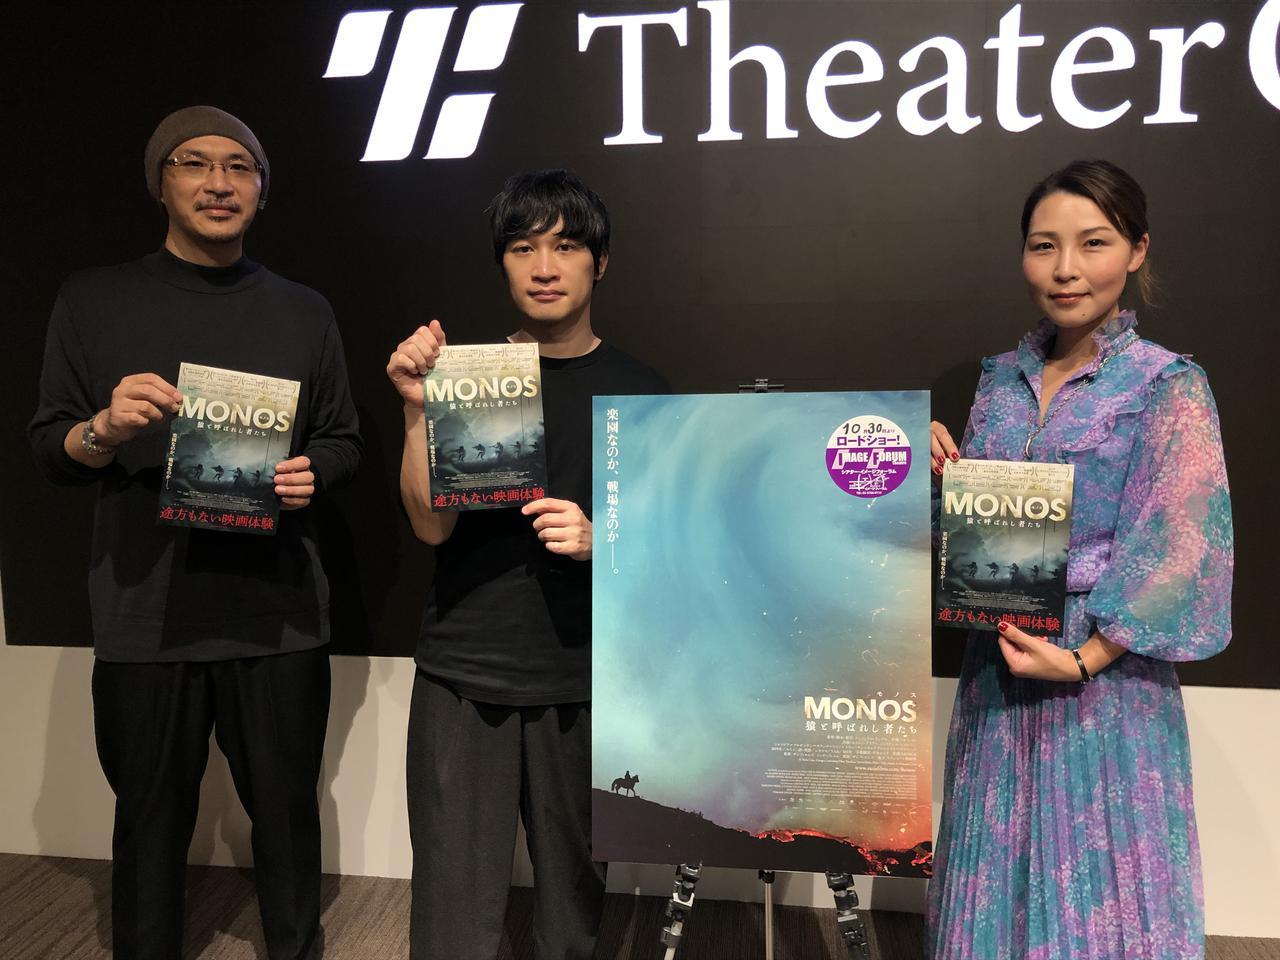 画像: 左から、映画評論家の森直人さん、Base Ball Bear の小出祐介さん、映画音楽作曲家で演奏家の世武裕子さん